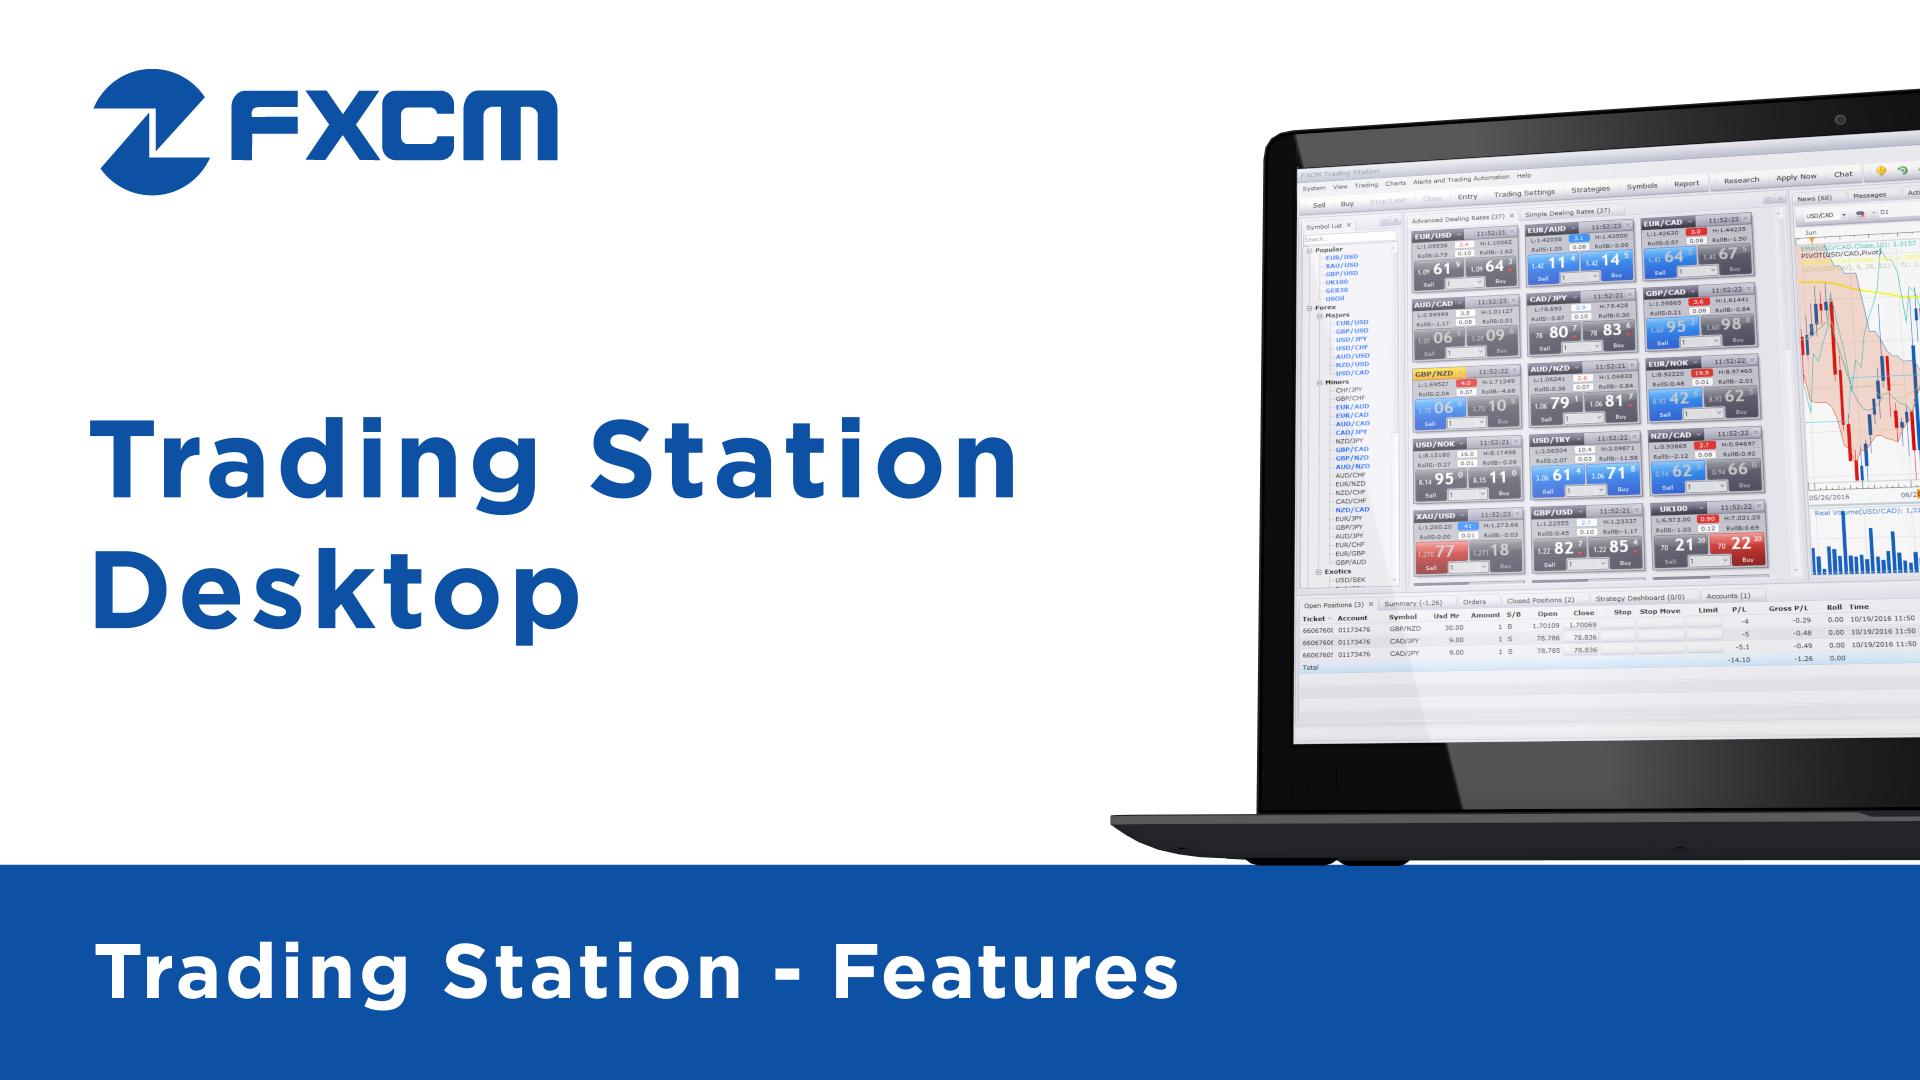 Trading Station Desktop